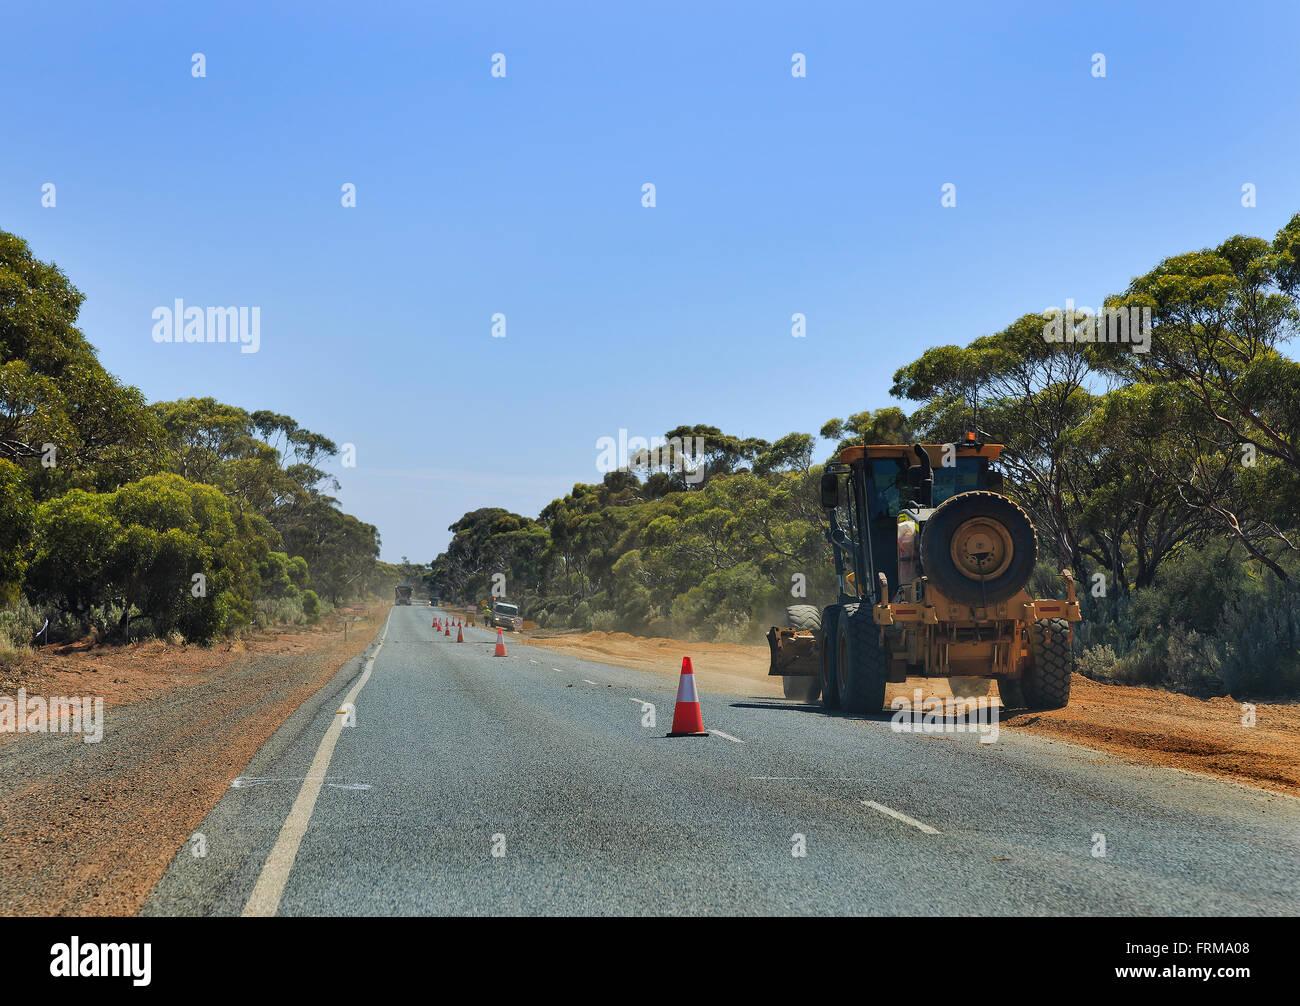 Lavori in corso su una autostrada in Western Australia. Macchinari pesanti trattore ghiaia di pavimentazione su Immagini Stock